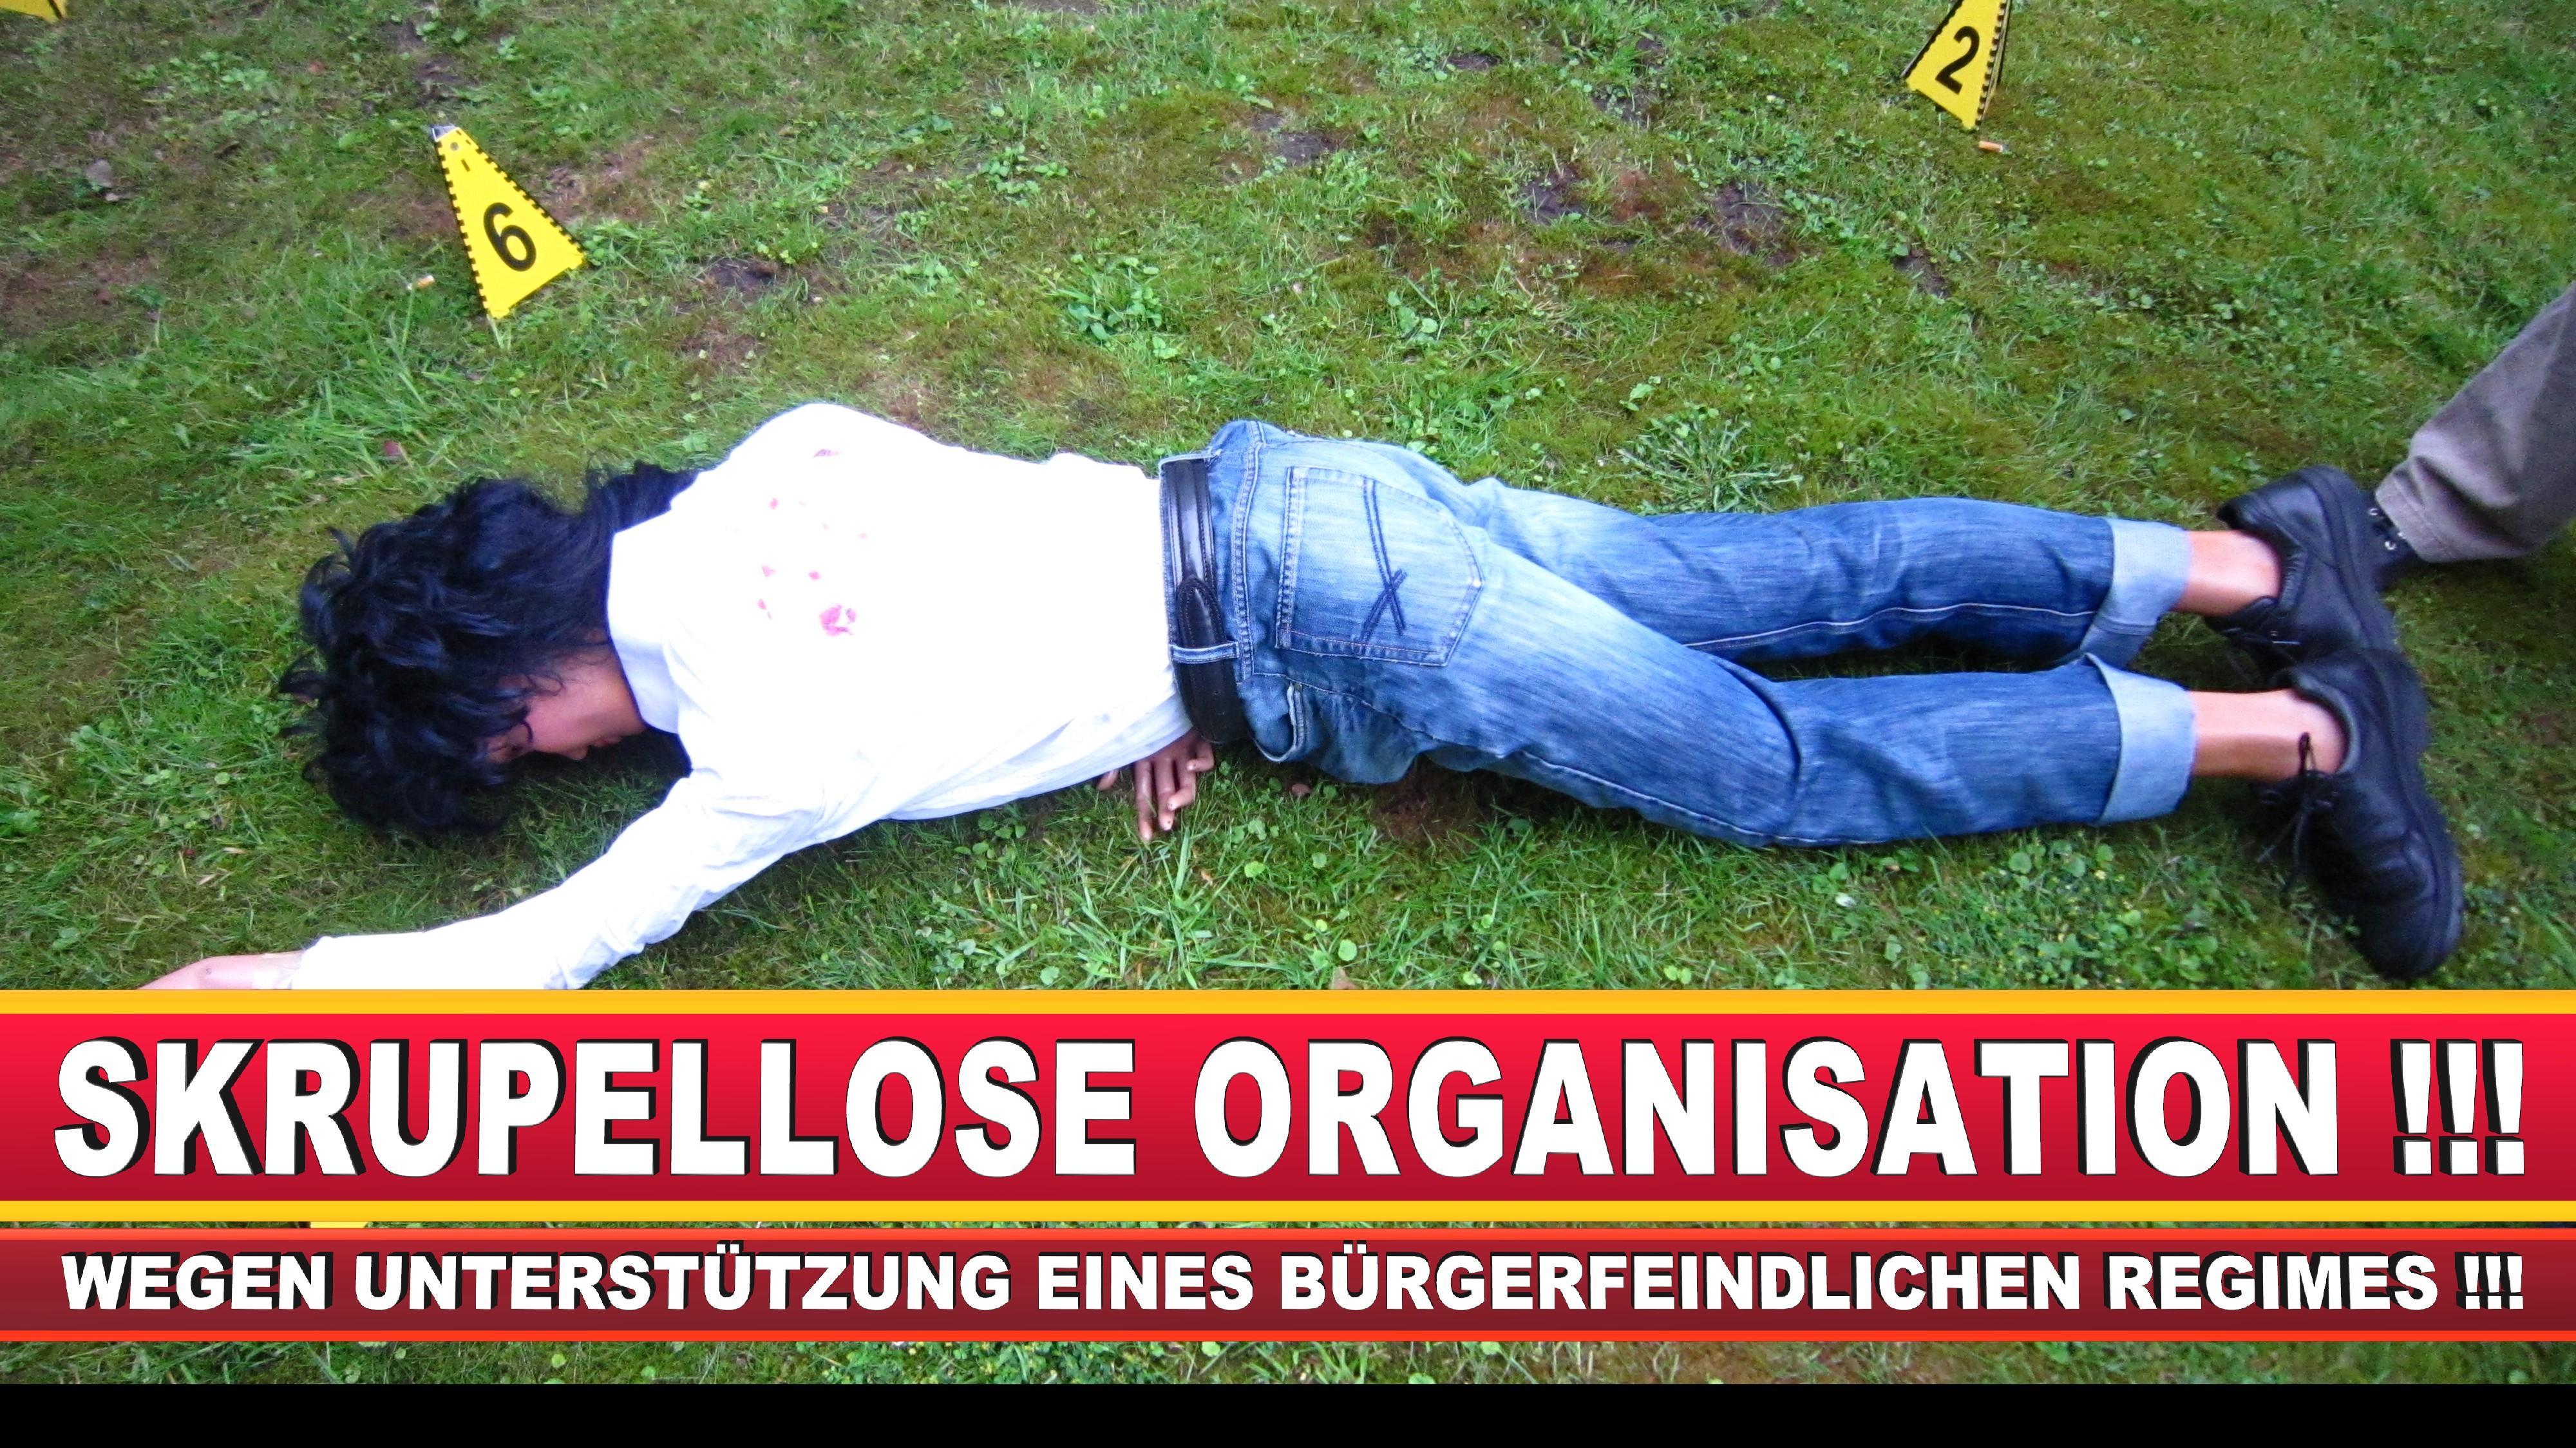 Polizeipräsidentin Katharina Giere Polizei Bielefeld NRW Erwin Südfeld Horst Kruse Polizeiuniform Polizeigewalt DEMONSTRATION Bahnhof (2)